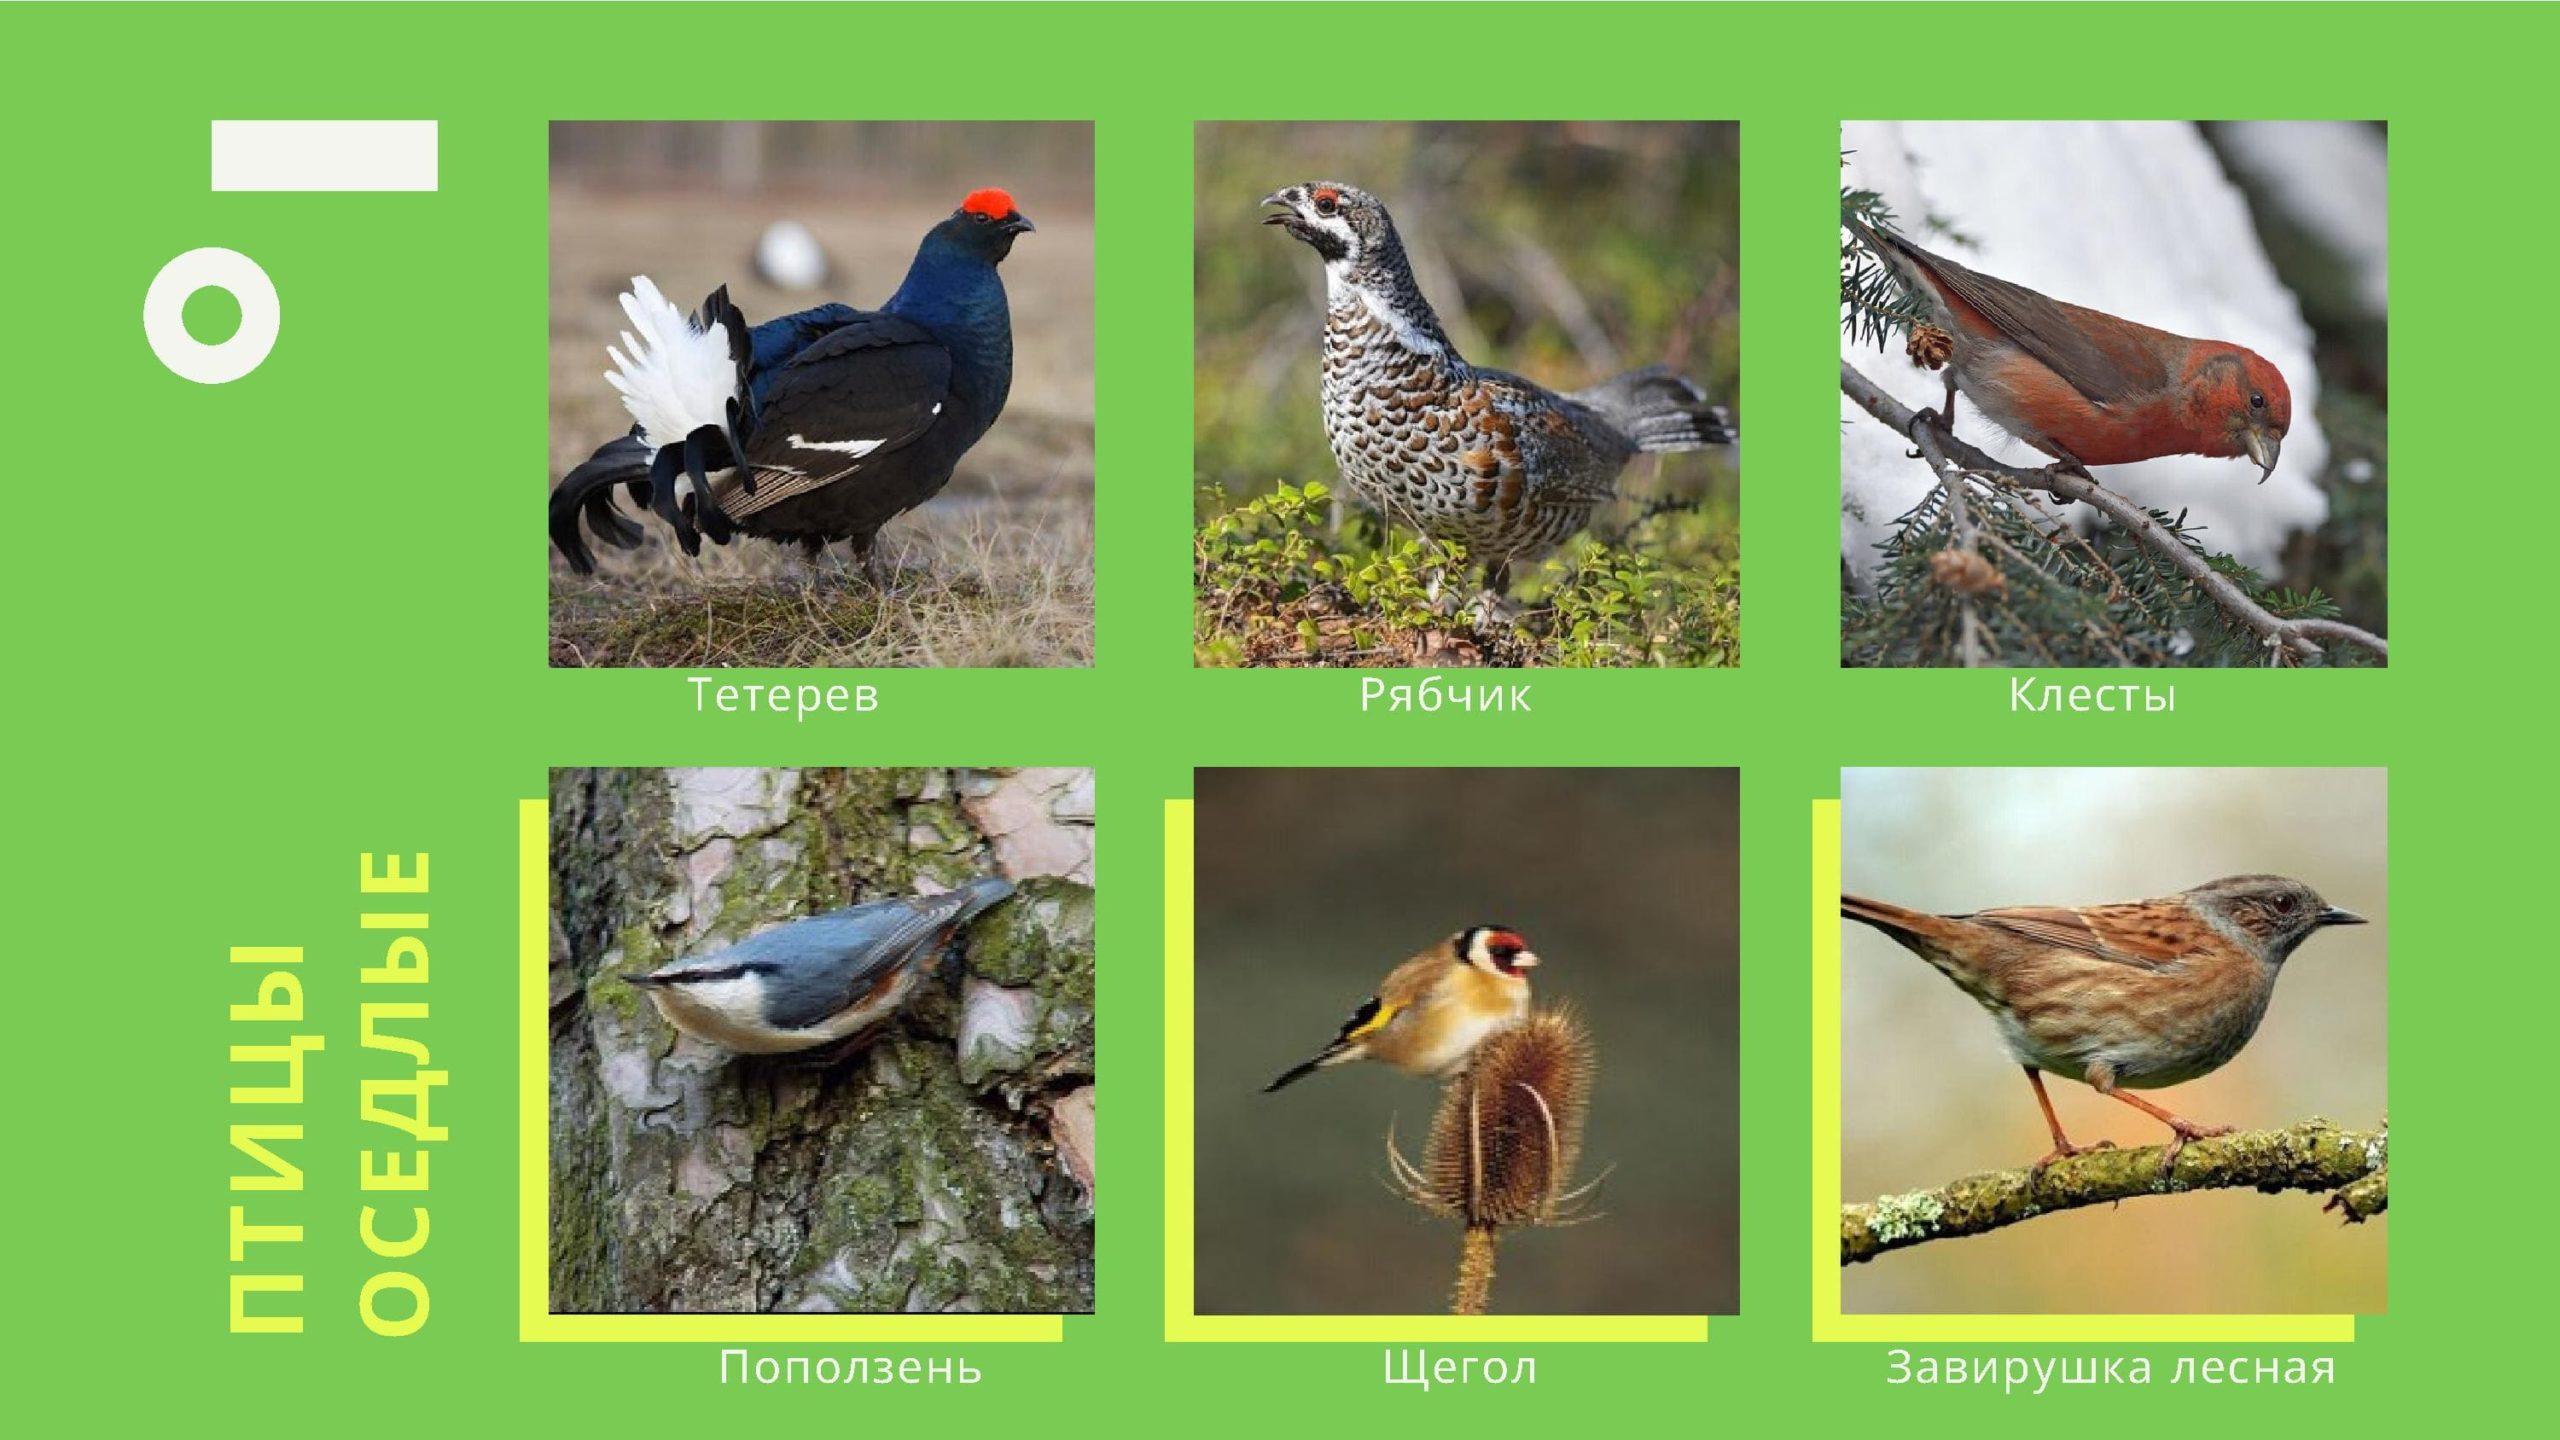 Птицы оседлые